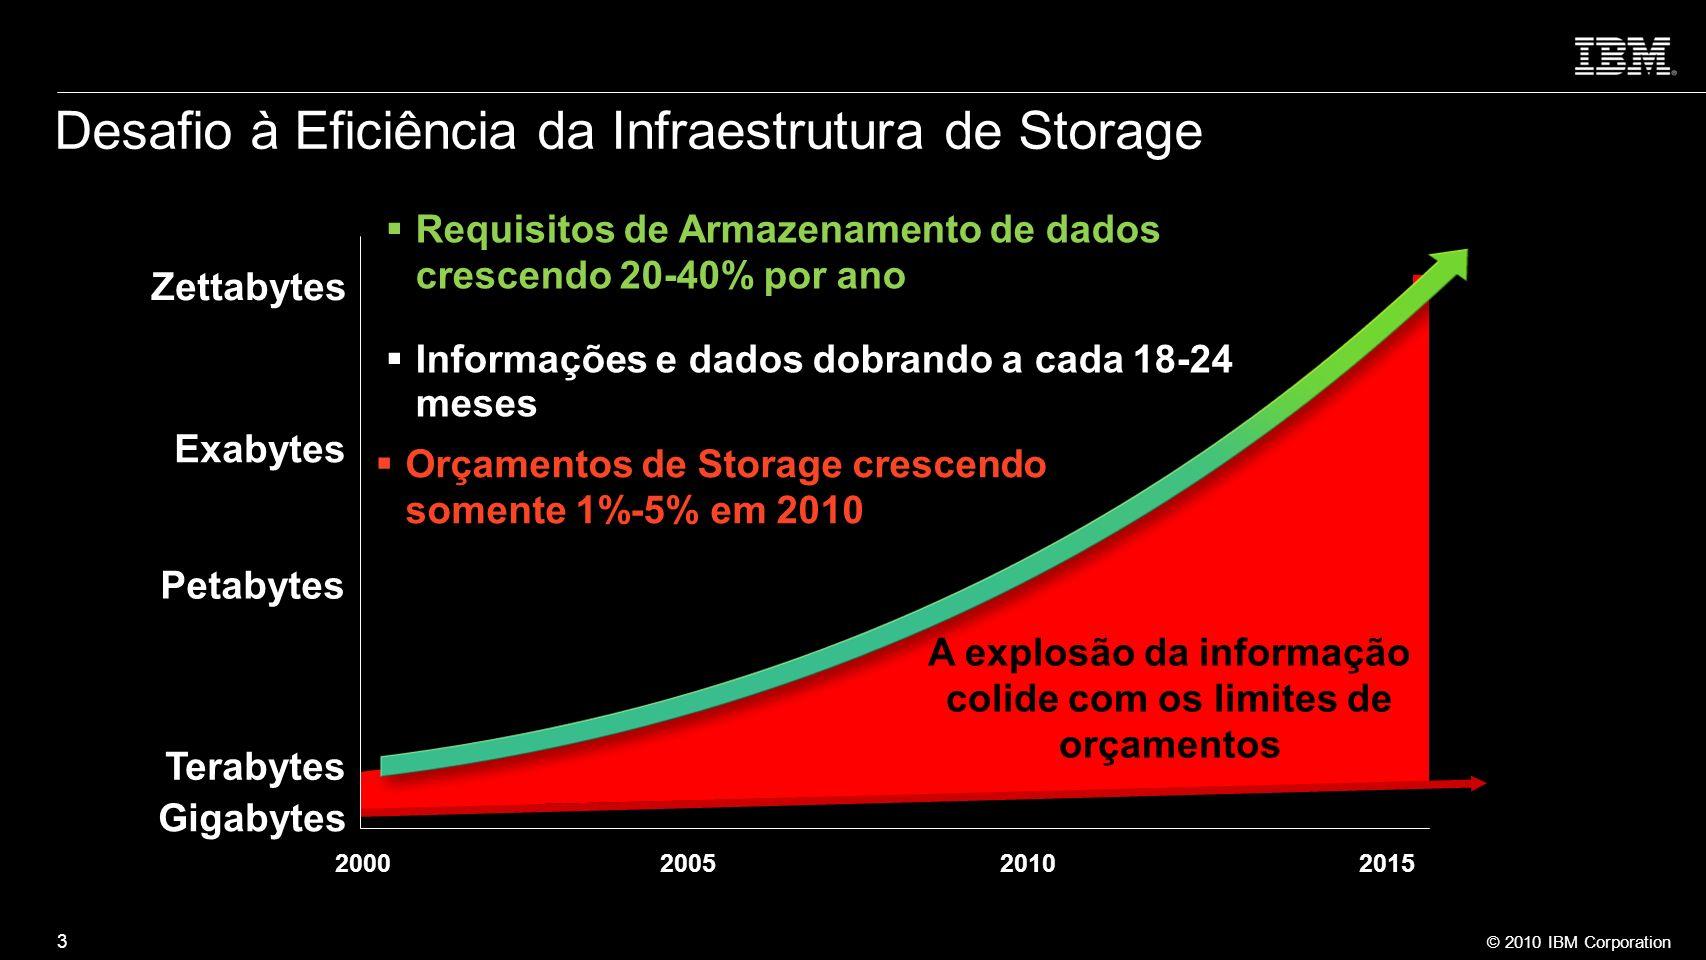 © 2010 IBM Corporation 3 Desafio à Eficiência da Infraestrutura de Storage Orçamentos de Storage crescendo somente 1%-5% em 2010 A explosão da informa